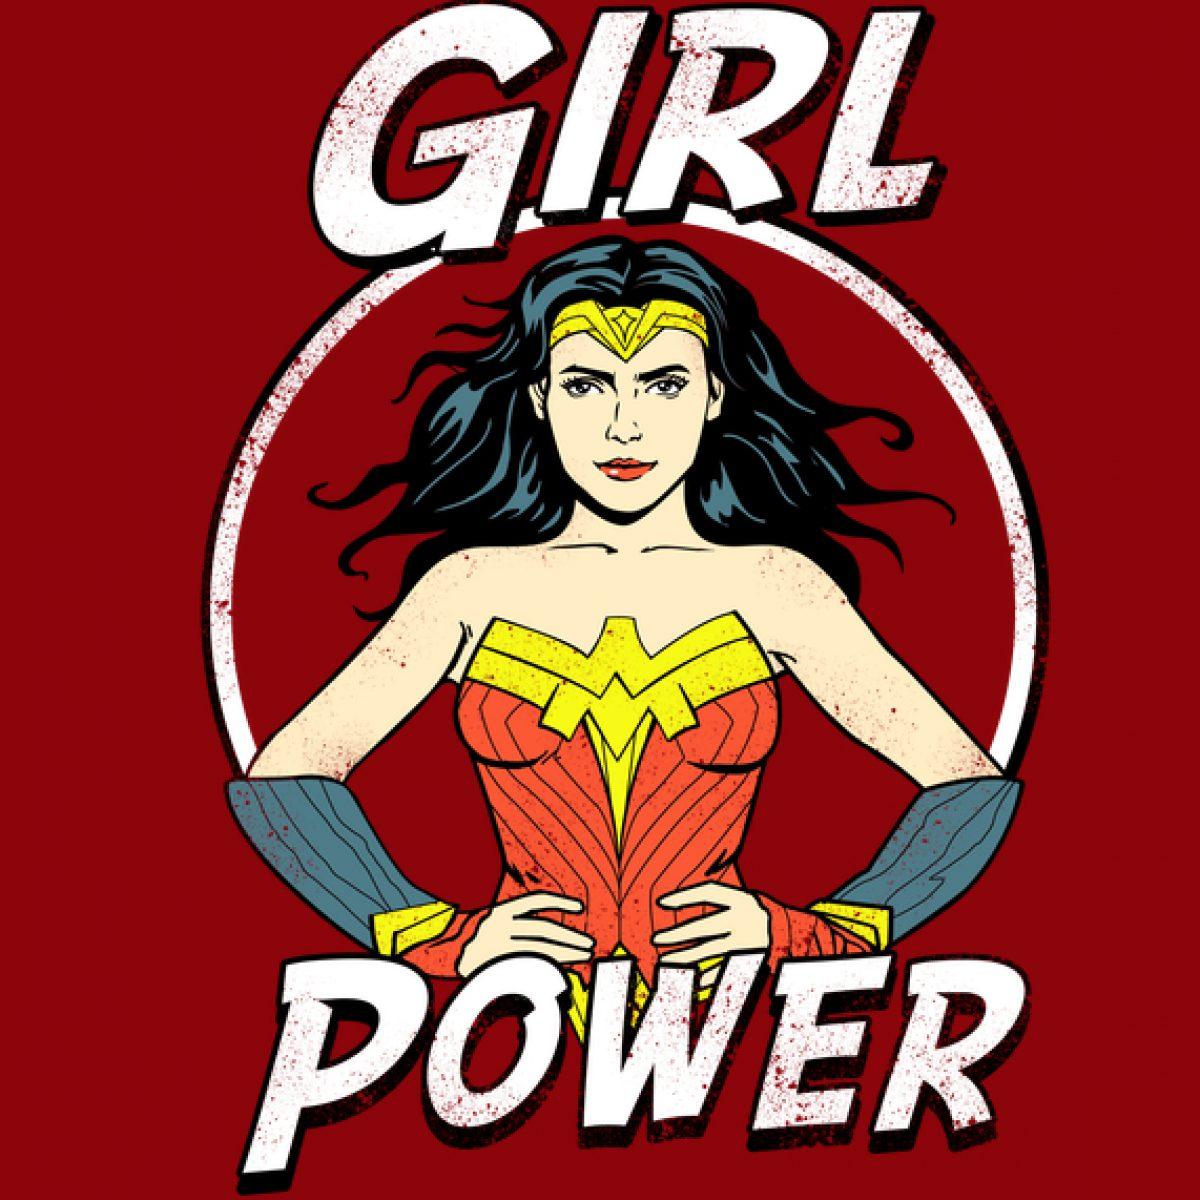 cropped-girl-power-2.jpg